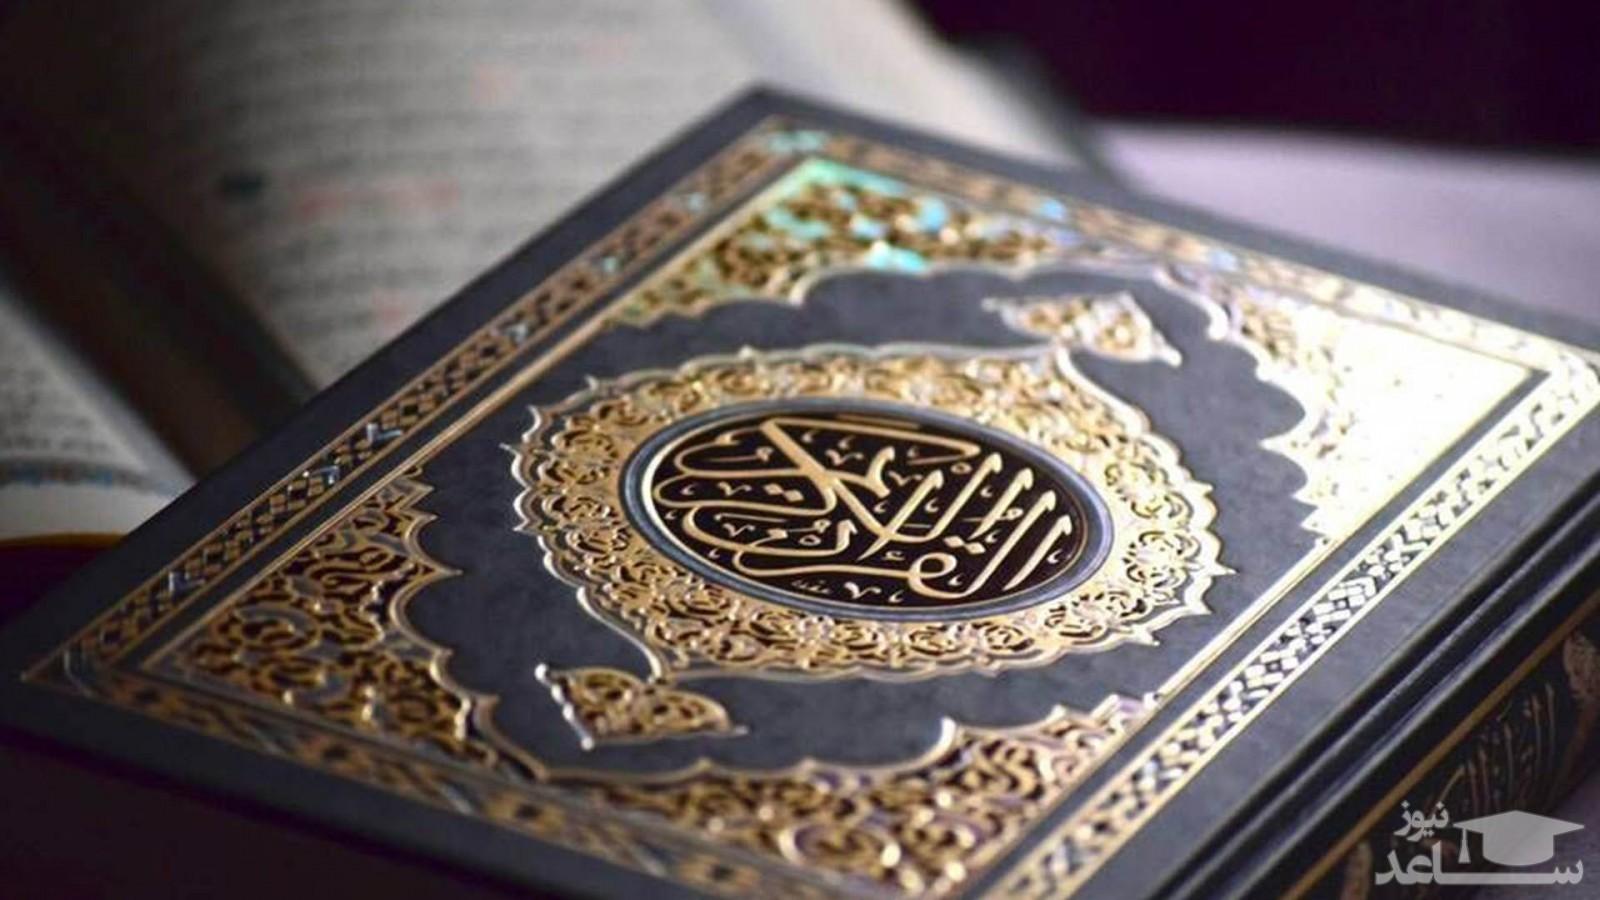 نتایج آزمون کارشناسی ارشد حافظان قرآن مجید اعلام شد